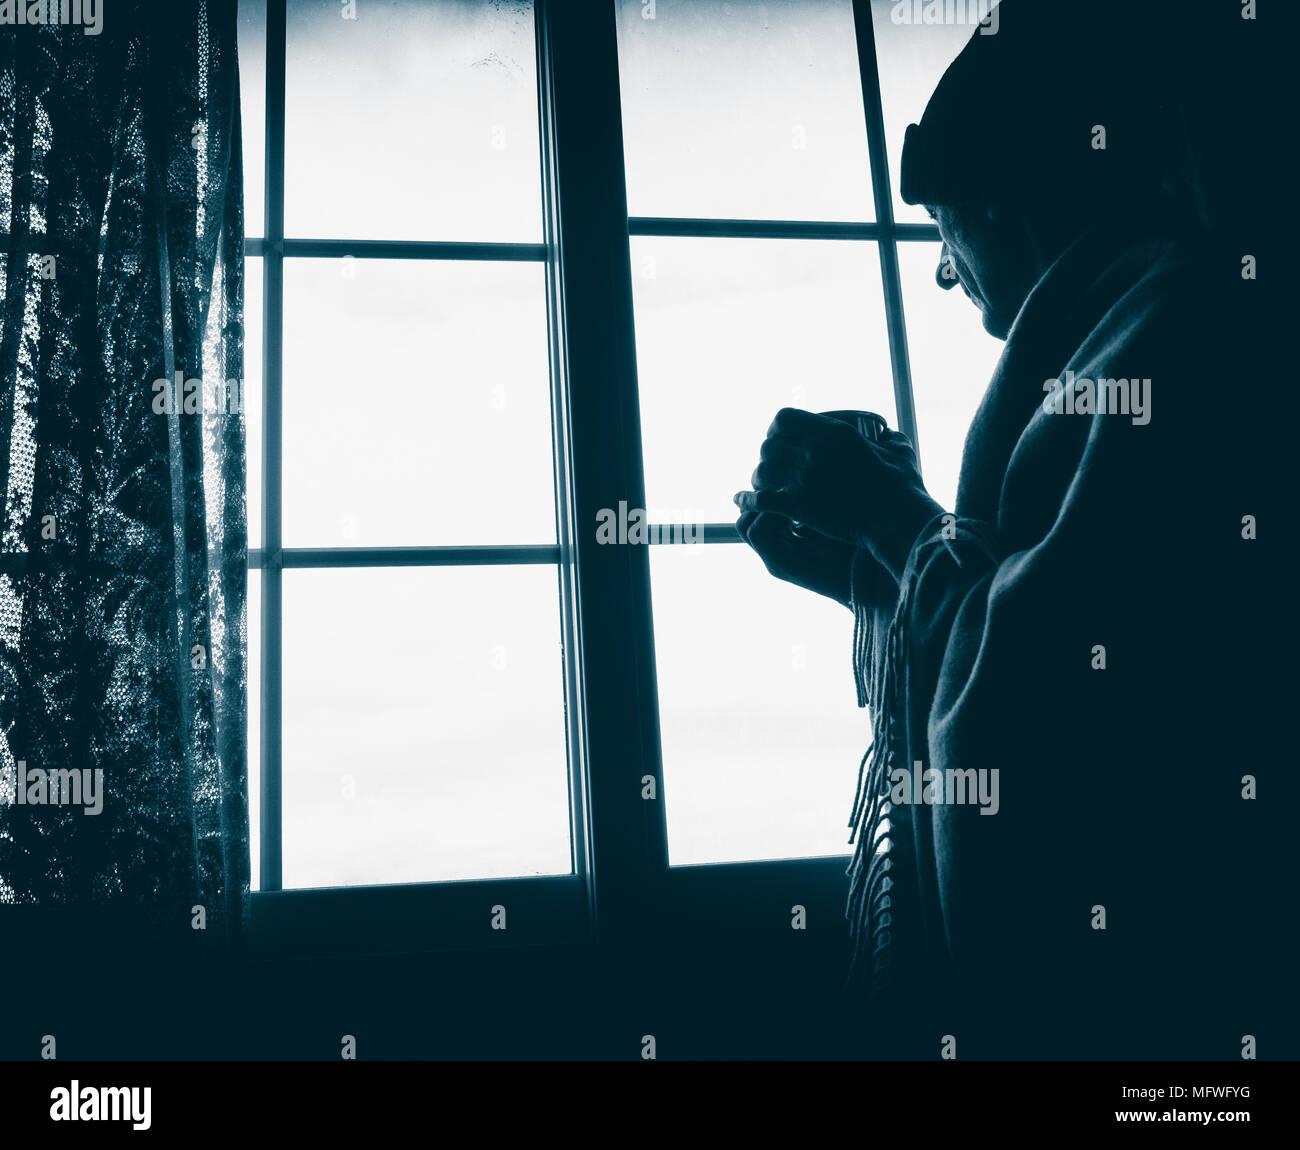 Hombre maduro celebración taza mirando por la ventana: la soledad, la salud mental, que viven solas, imagen concepto... Imagen De Stock